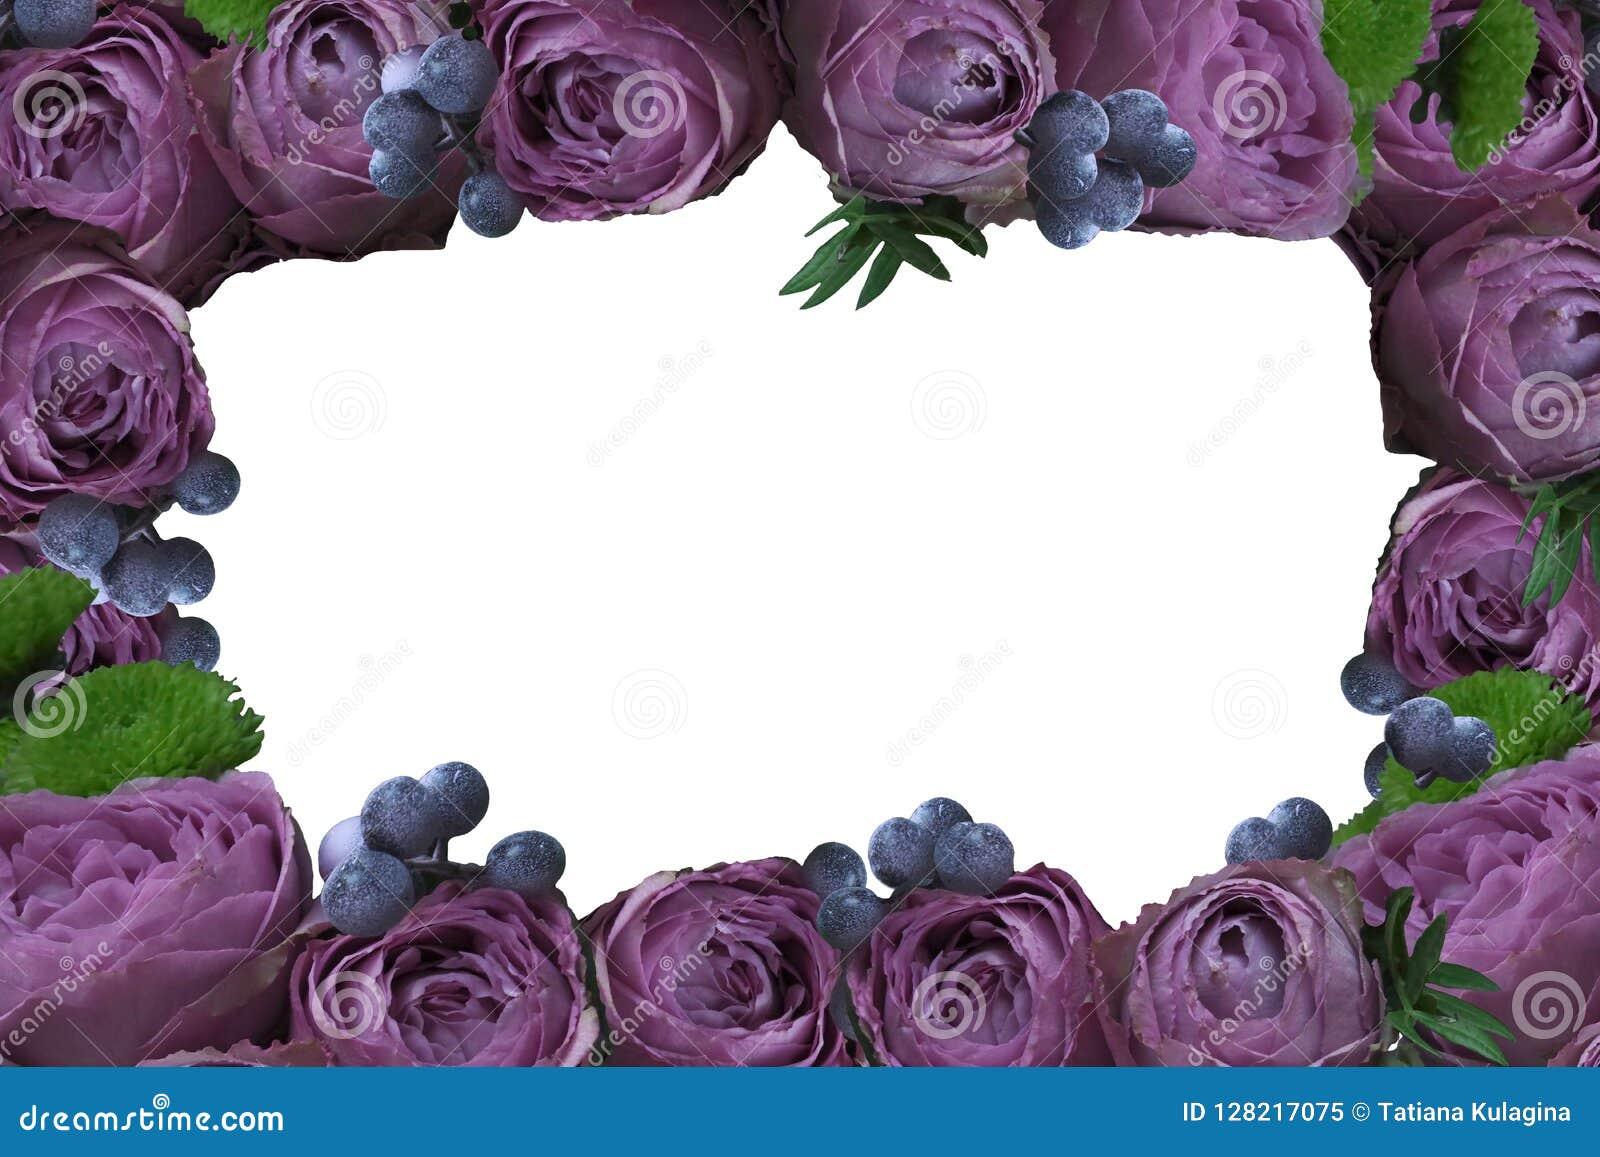 Quadro Das Flores Png Imagem De Stock Ilustração De Arquivo